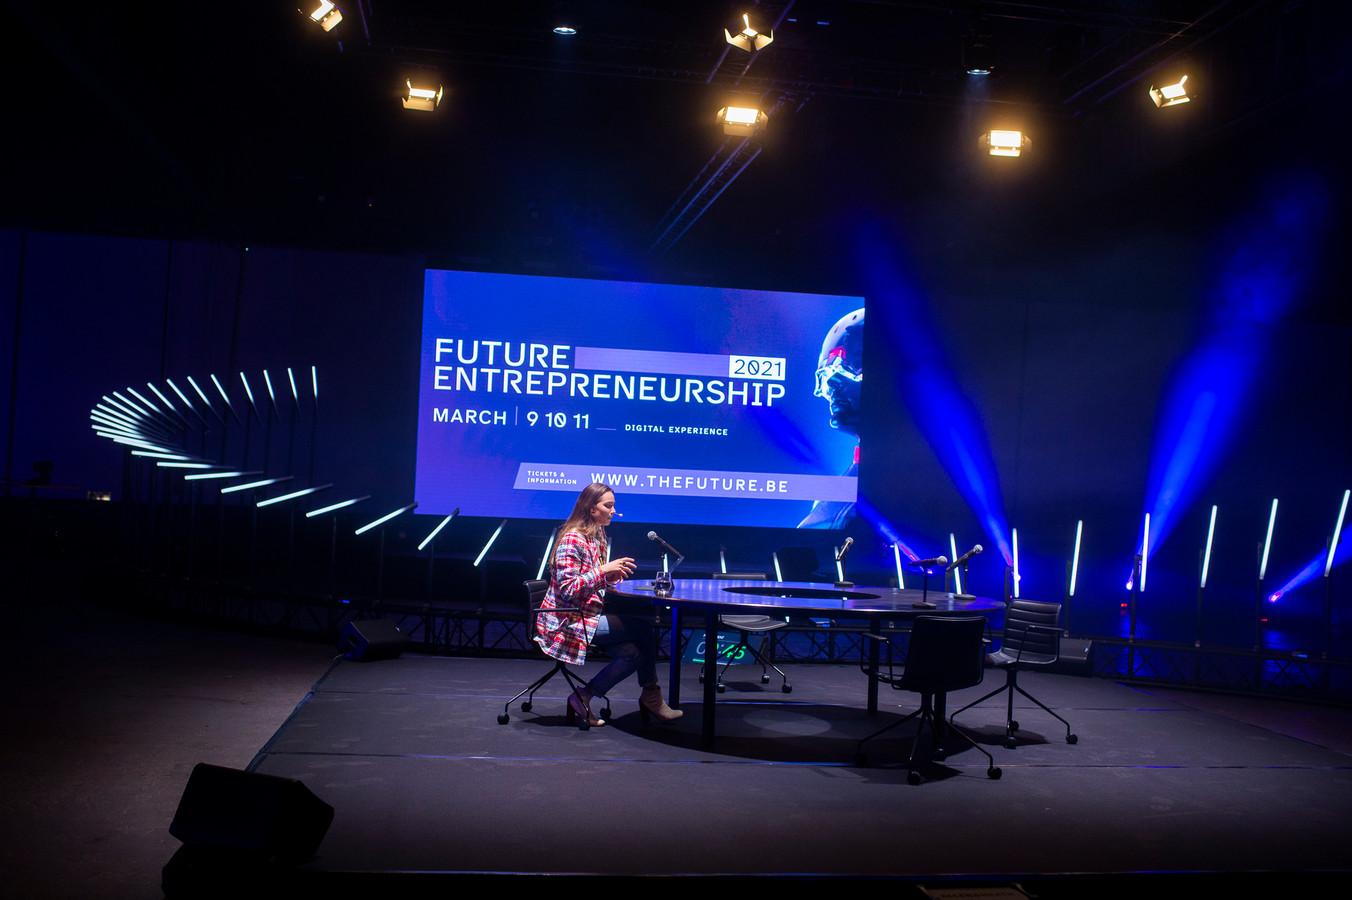 De vijfde editie van Future Entrepeneurship wordt opgenomen in de Waagnatie.